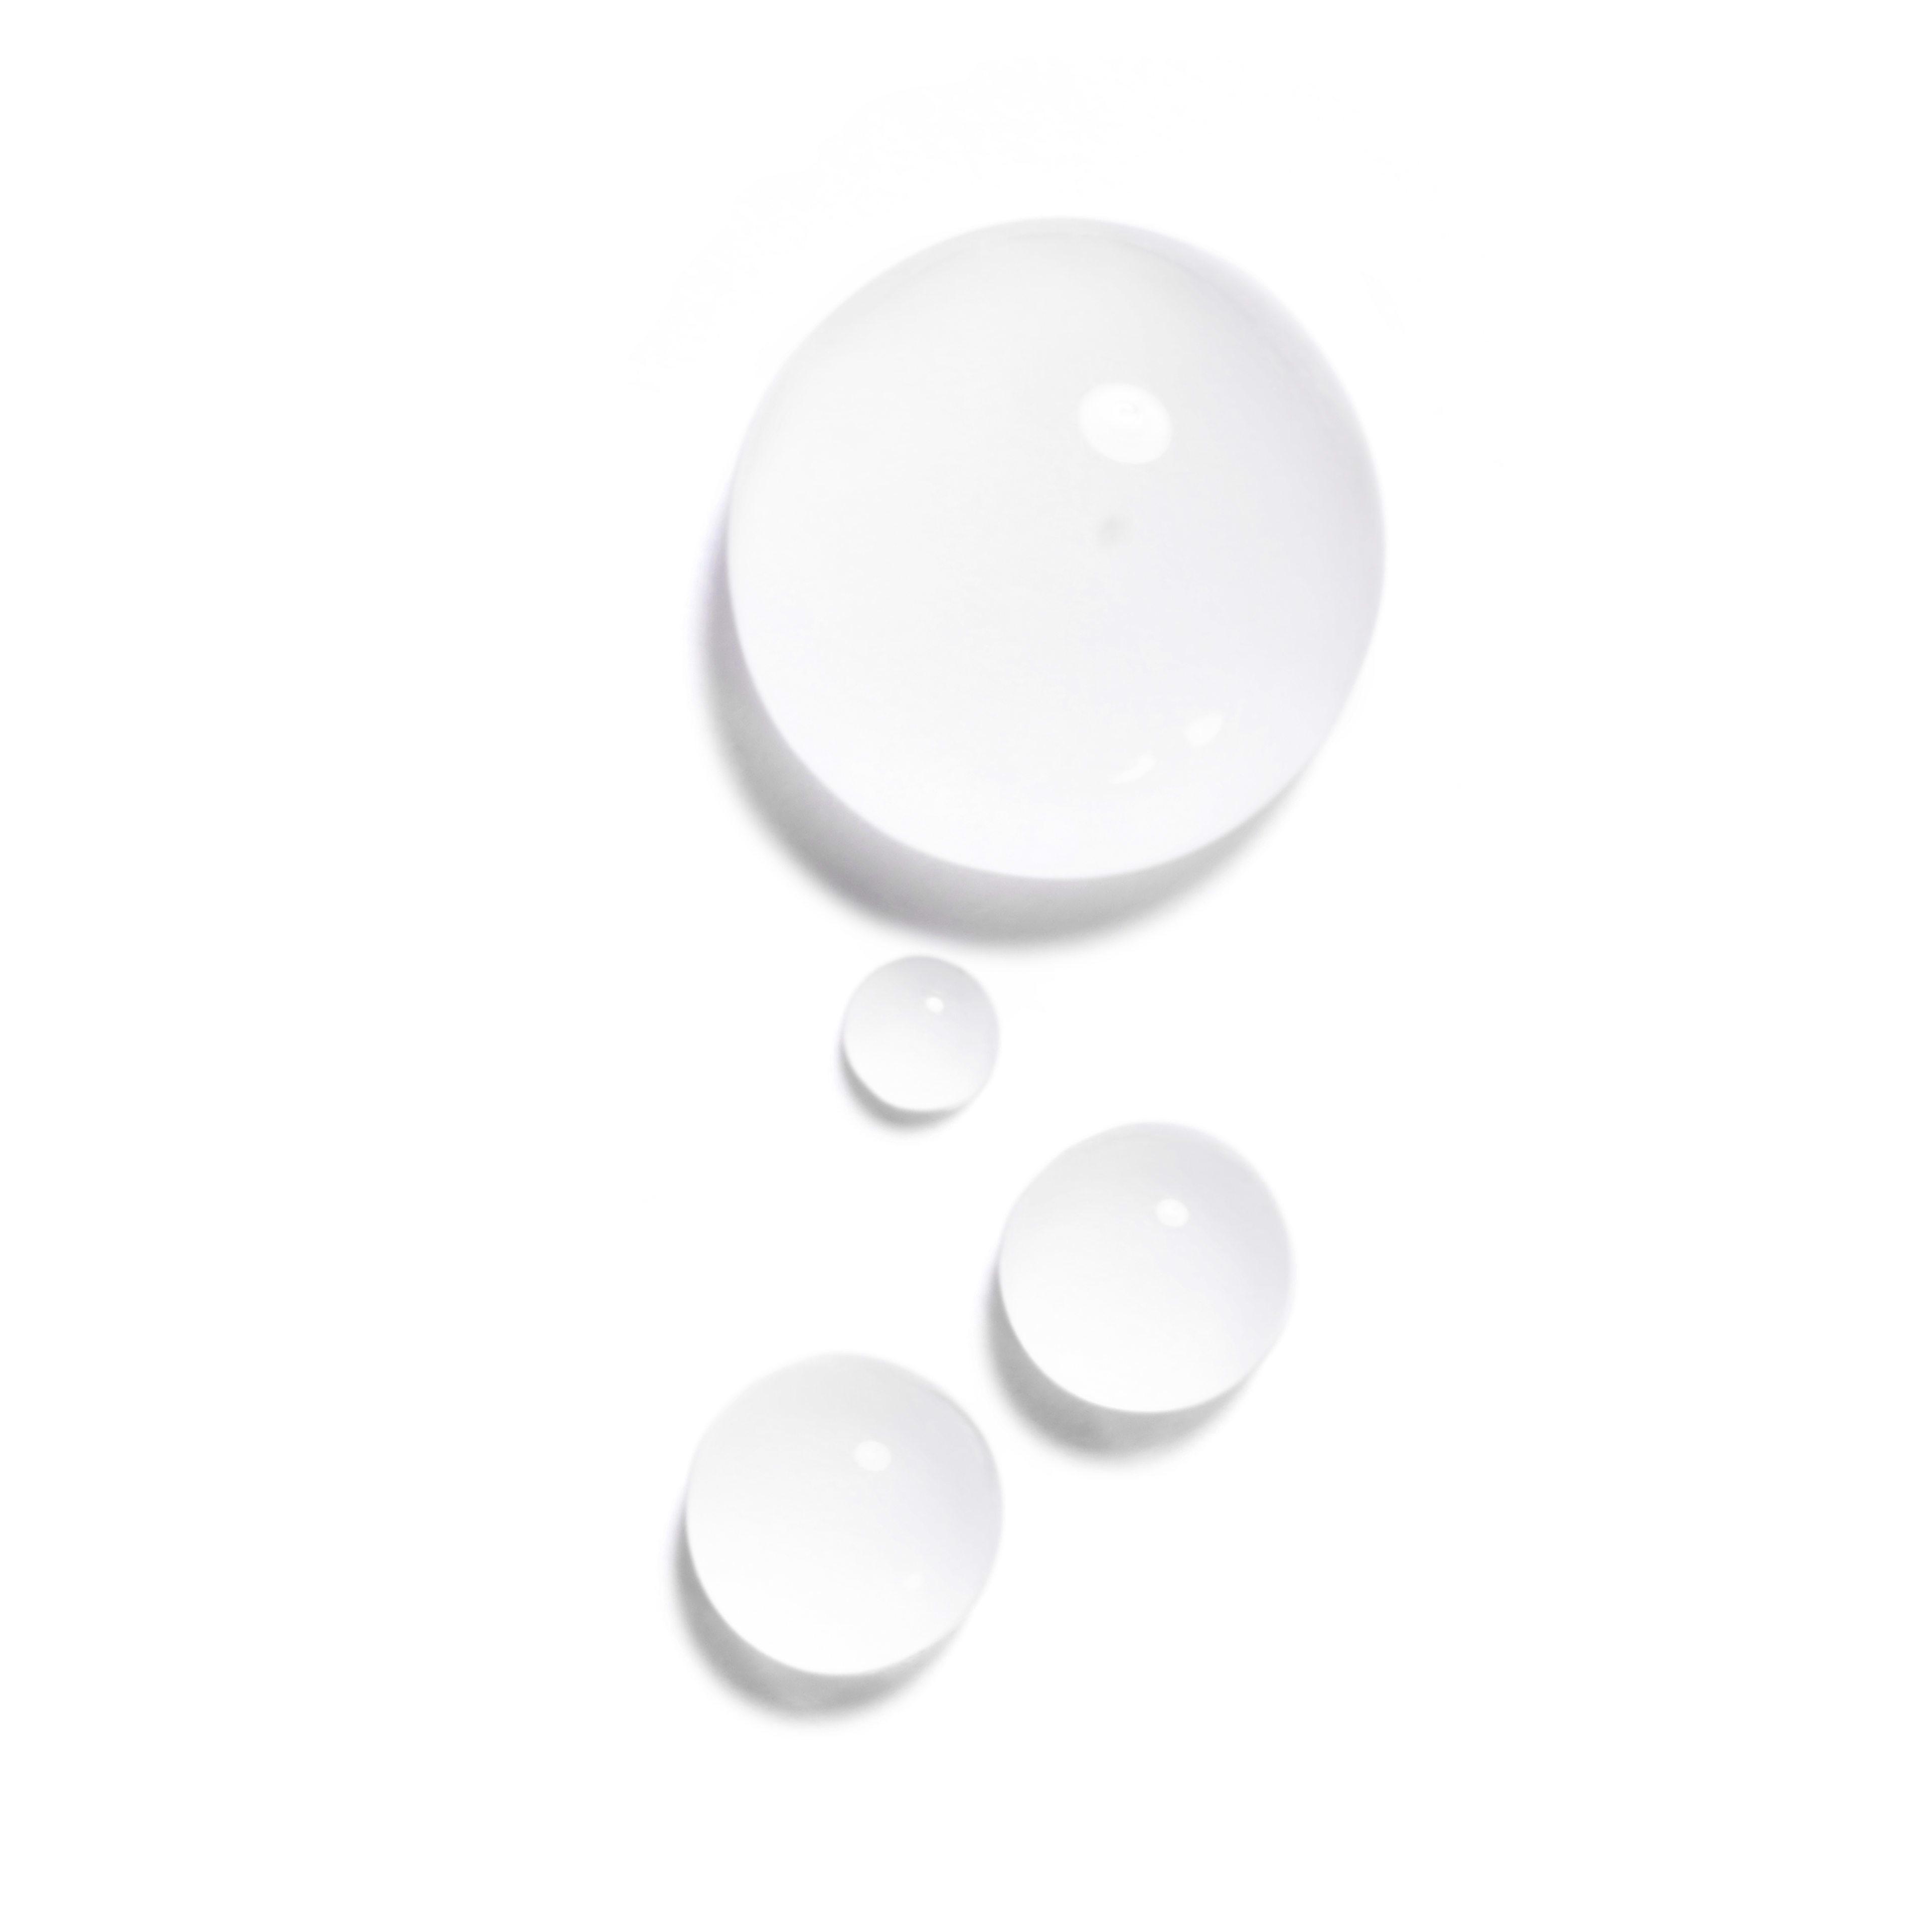 LE TONIQUE - skincare - 5.4FL. OZ. - Basic texture view